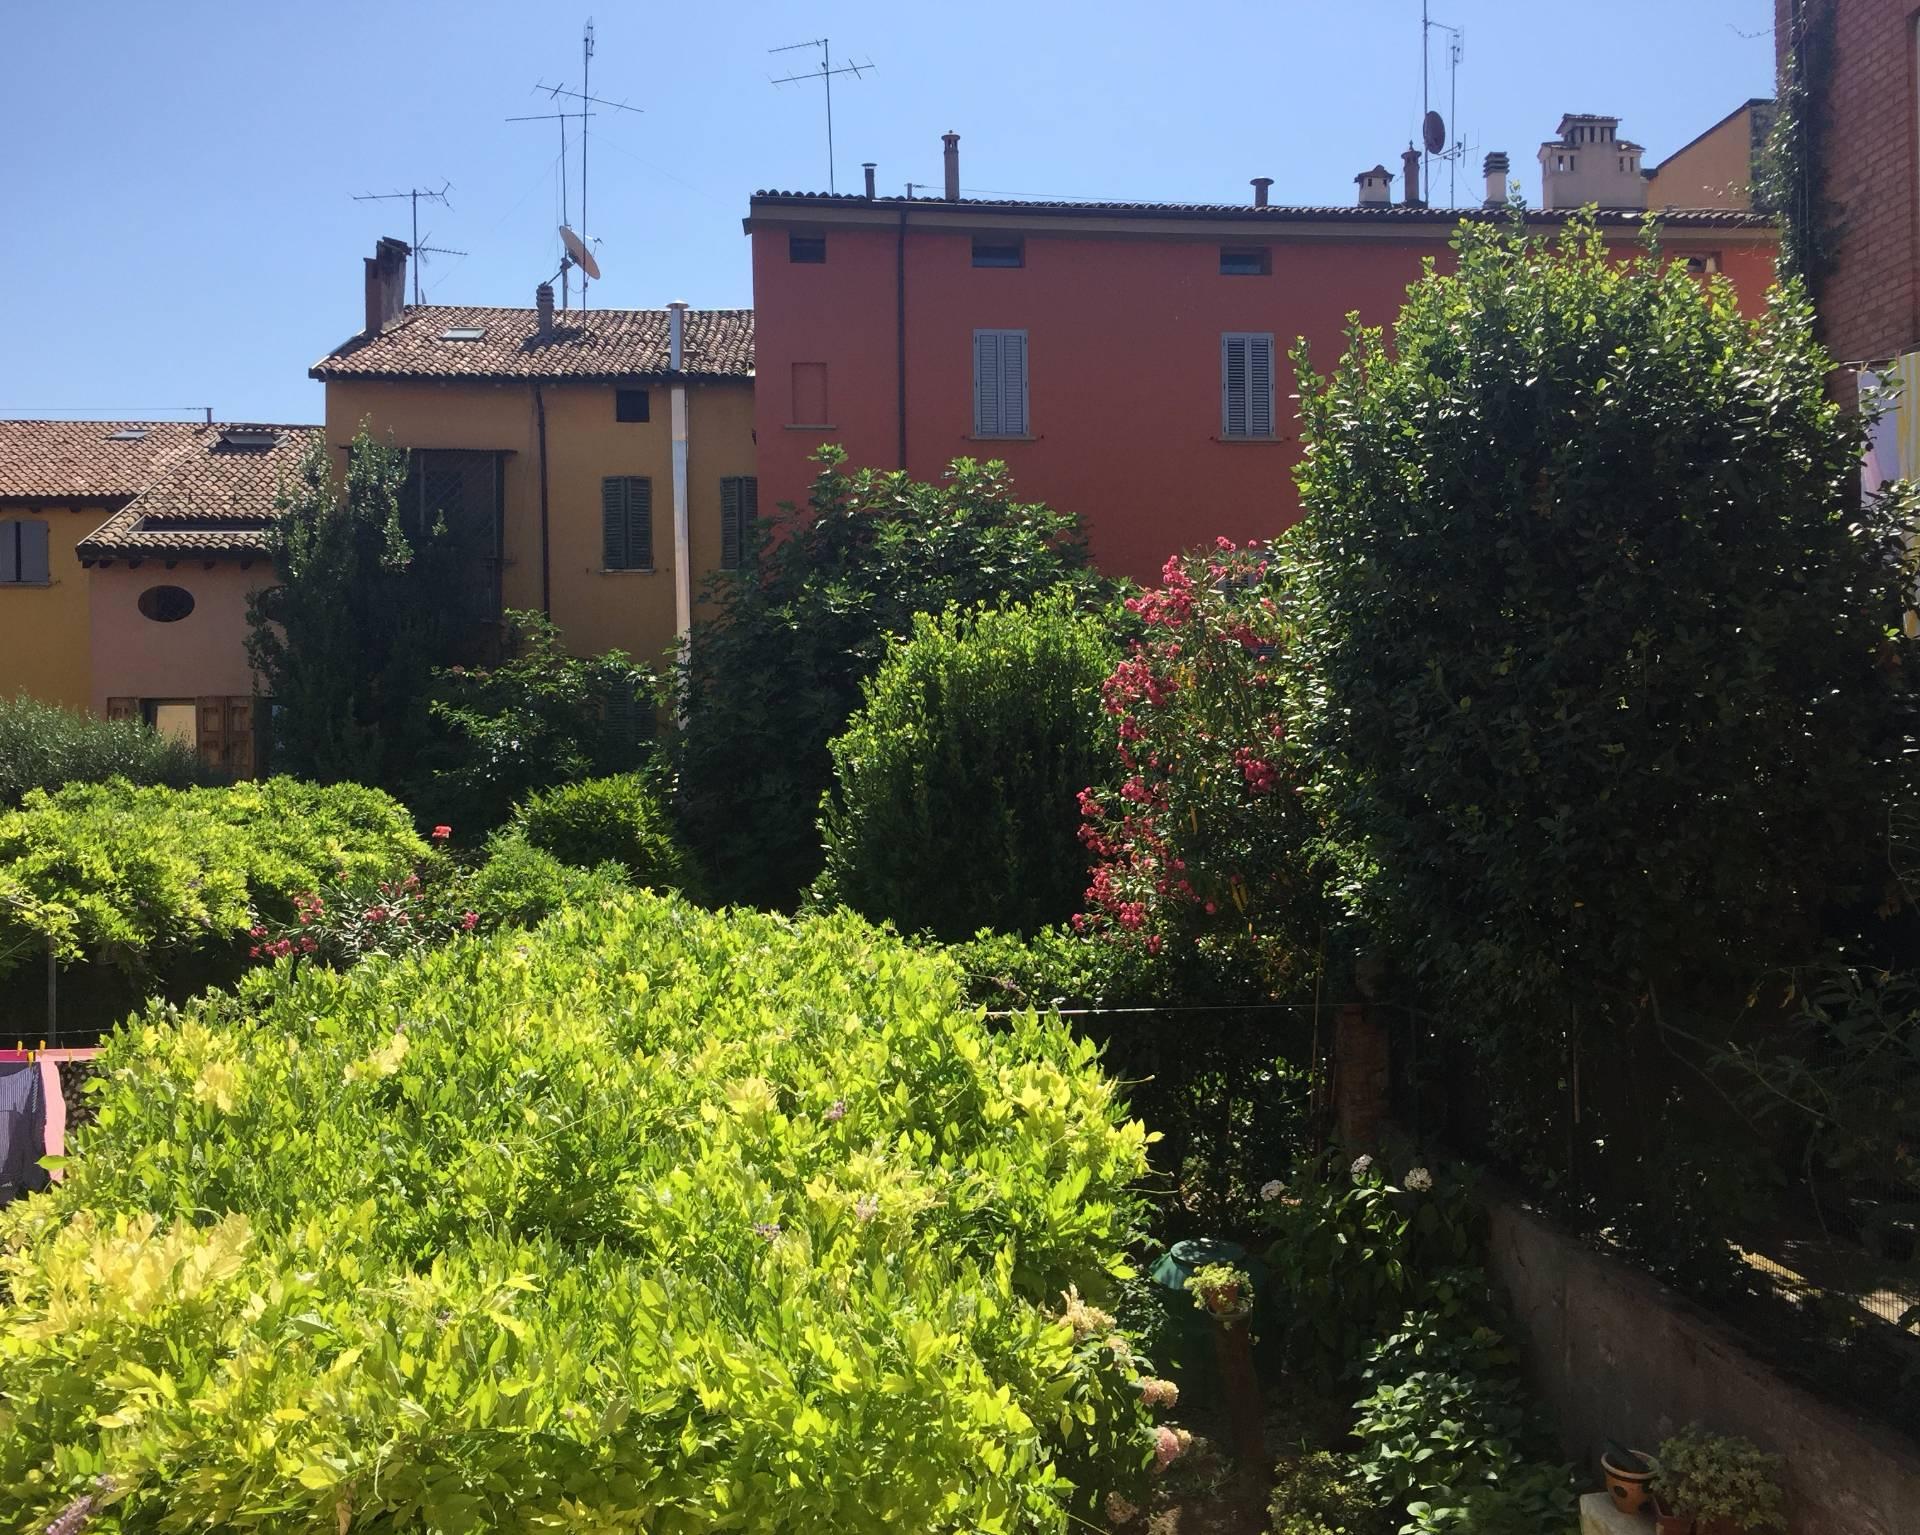 Ufficio Verde Comune Di Bologna : Milano dai parchi pubblici ai giardini condominiali le nuove